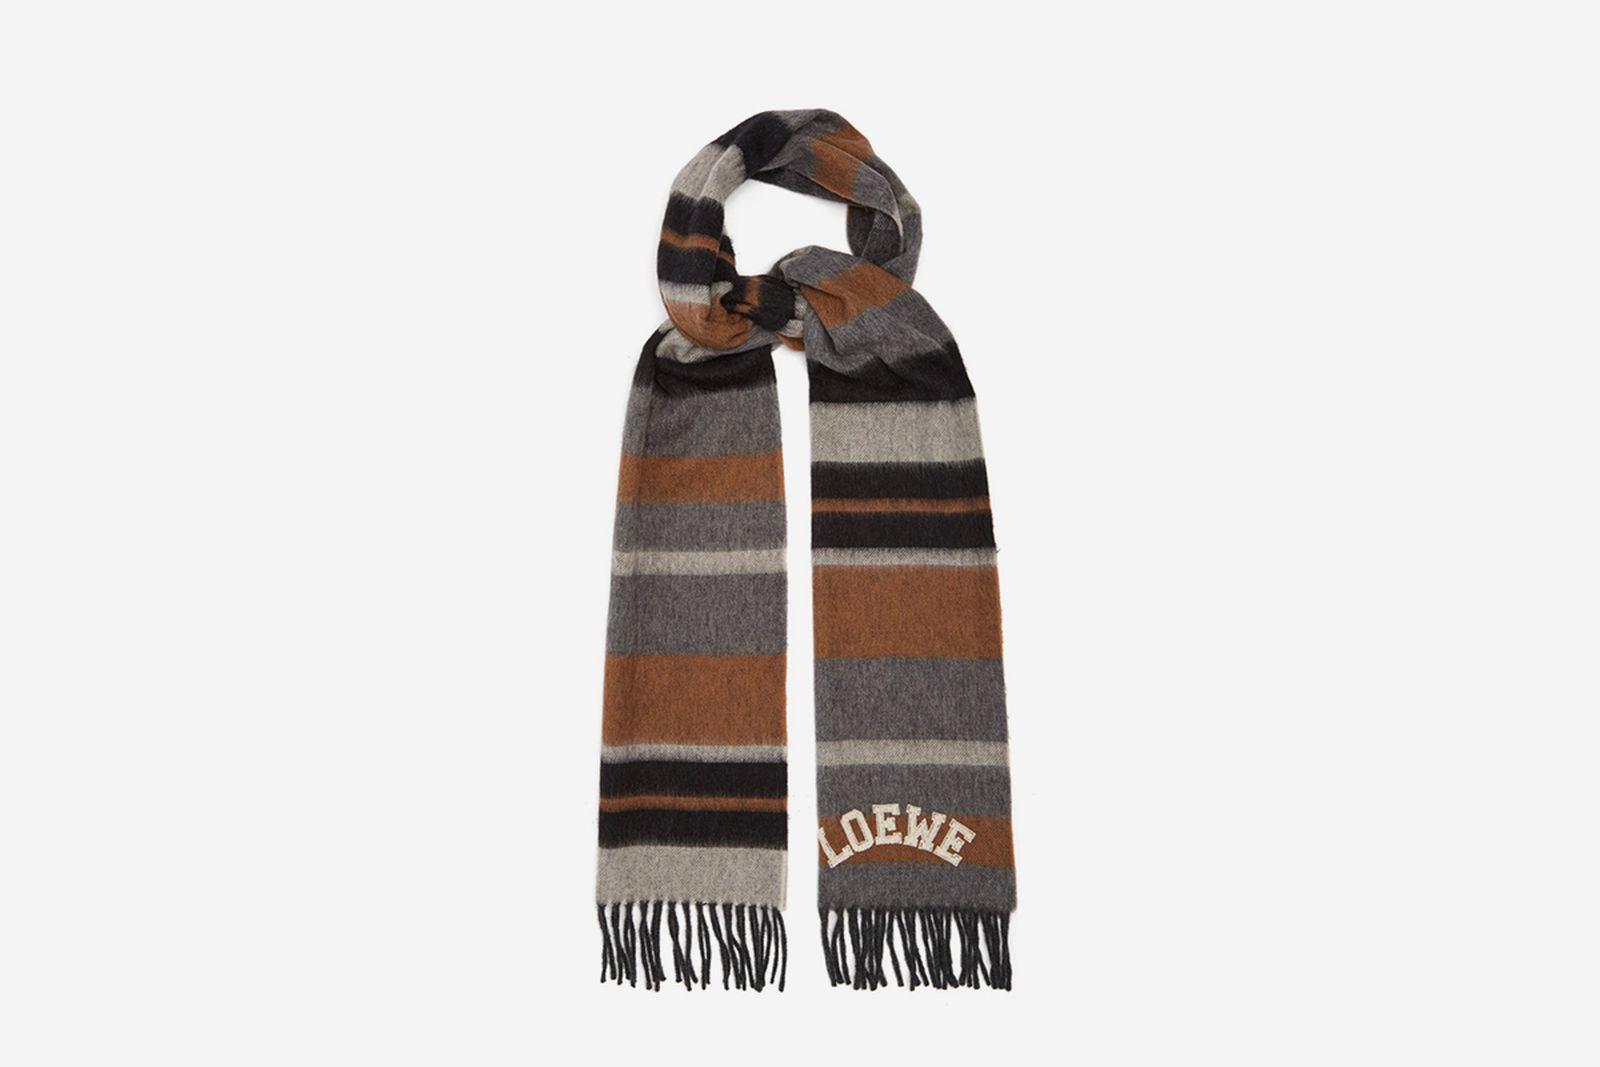 best scarves for men main 1017 ALYX 9SM Acne Studios Loewe